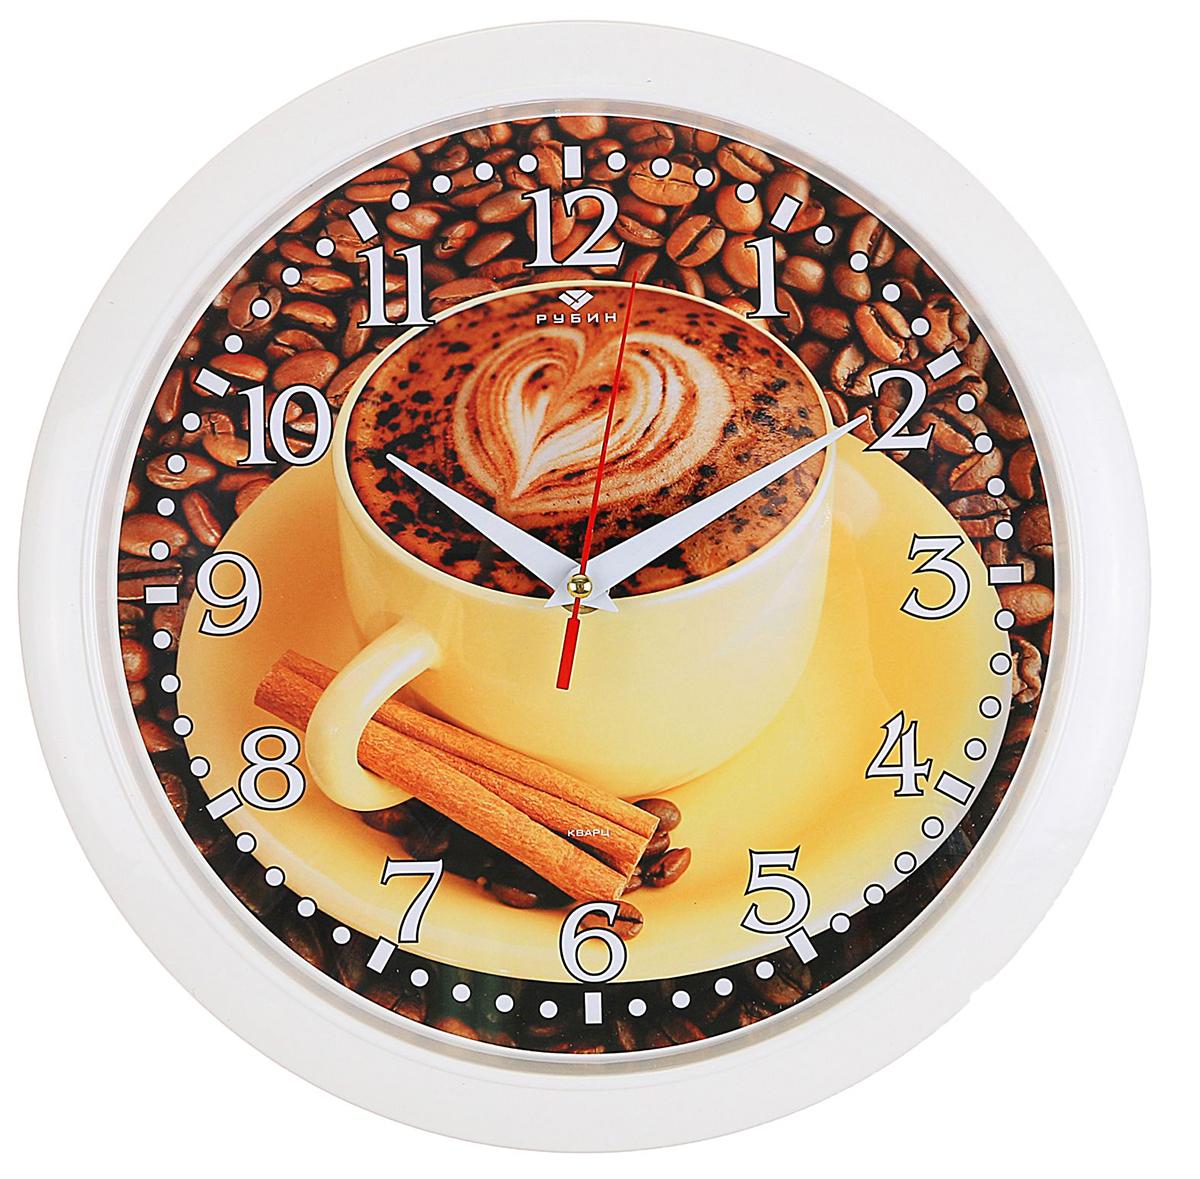 Часы настенные Рубин Кофе с корицей, диаметр 30 см2474432— сувенир в полном смысле этого слова. И главная его задача — хранить воспоминание о месте, где вы побывали, или о том человеке, который подарил данный предмет. Преподнесите эту вещь своему другу, и она станет достойным украшением его дома. Каждому хозяину периодически приходит мысль обновить свою квартиру, сделать ремонт, перестановку или кардинально поменять внешний вид каждой комнаты. — привлекательная деталь, которая поможет воплотить вашу интерьерную идею, создать неповторимую атмосферу в вашем доме. Окружите себя приятными мелочами, пусть они радуют глаз и дарят гармонию.Часы настенные круглые, Кофе с корицей, классика, 30х30 см Рубин 2474432